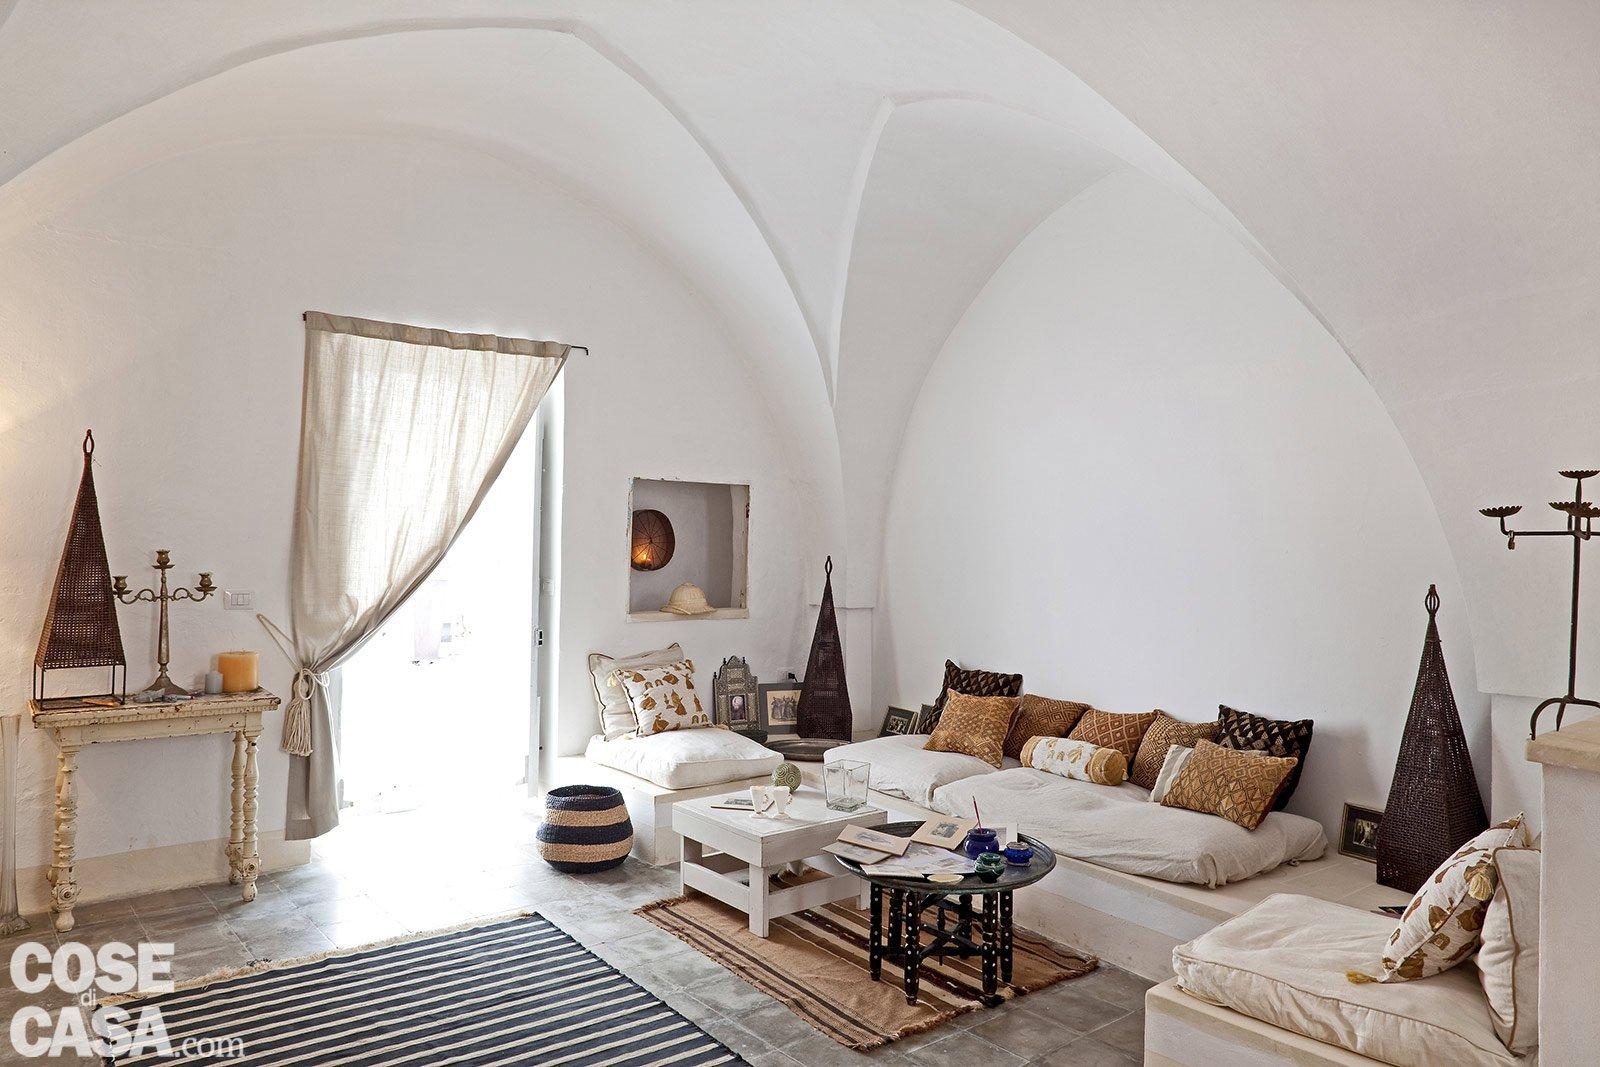 Una casa in pietra in stile mediterraneo cose di casa for Piani di casa spiaggia stile ghiaia